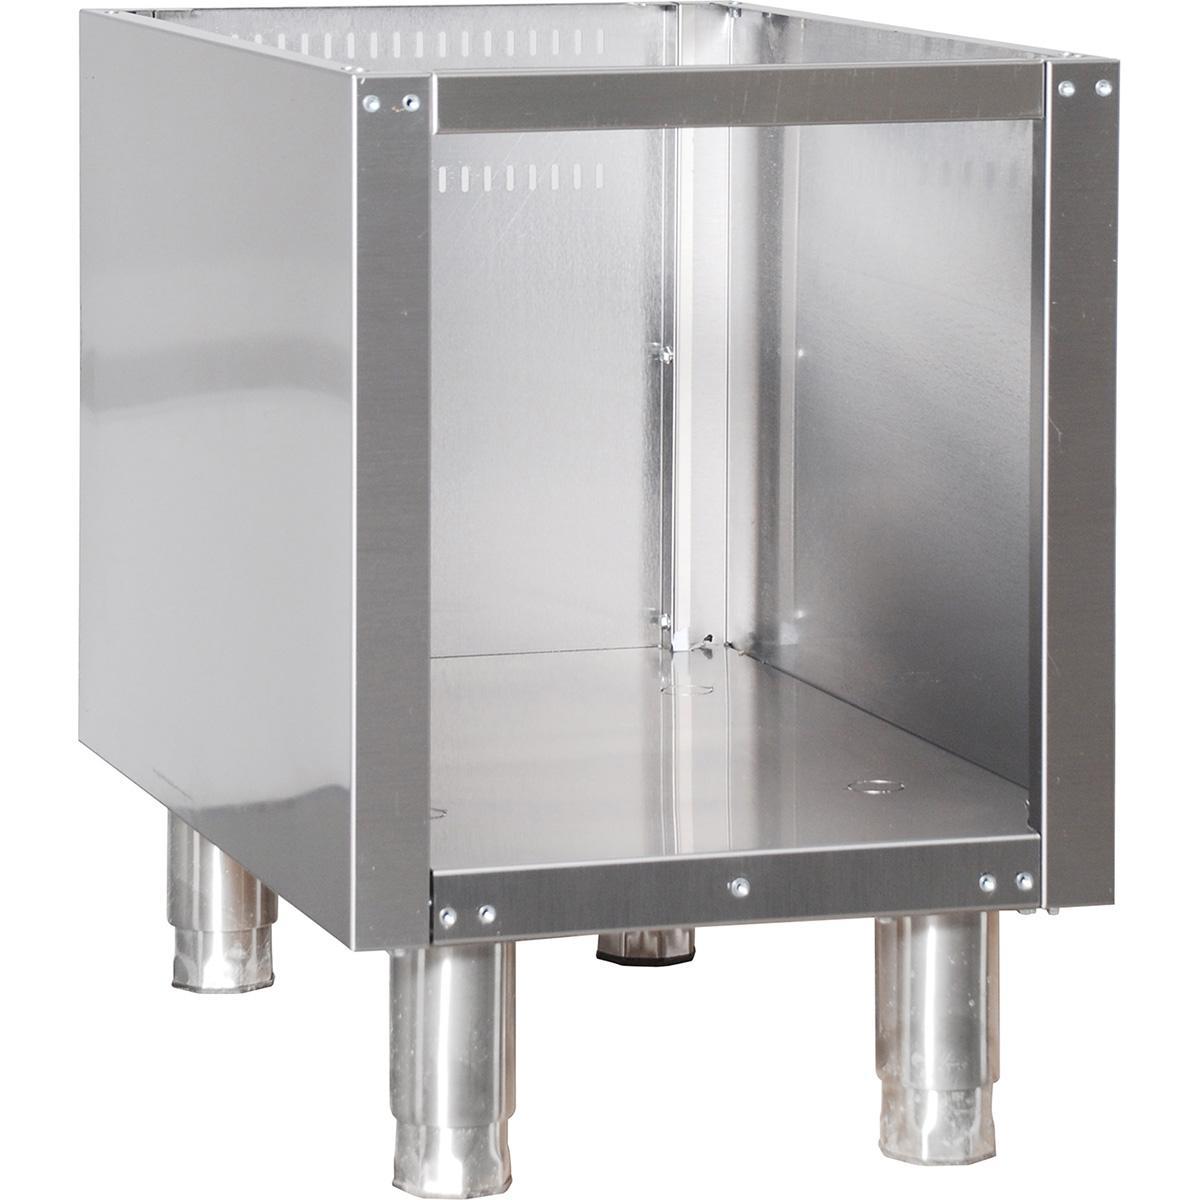 Suporti echipamente bloc termic seria 700